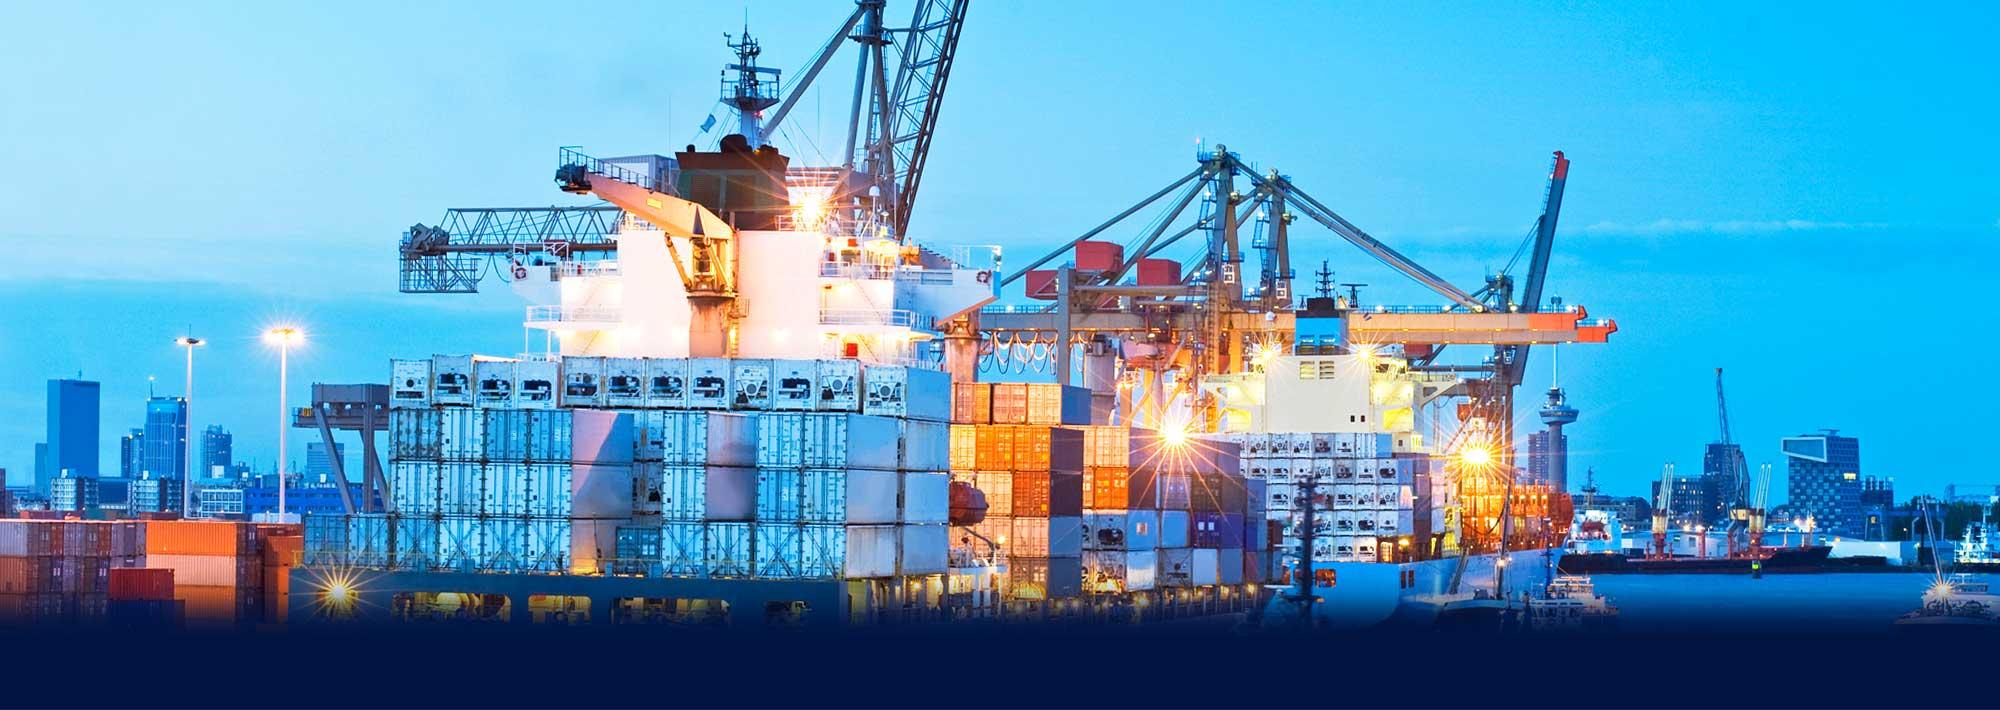 بیان نکات مهم در رابطه با واردات کالا و صادرات کالا و ترخیص کالا و قلمرو گمرکی